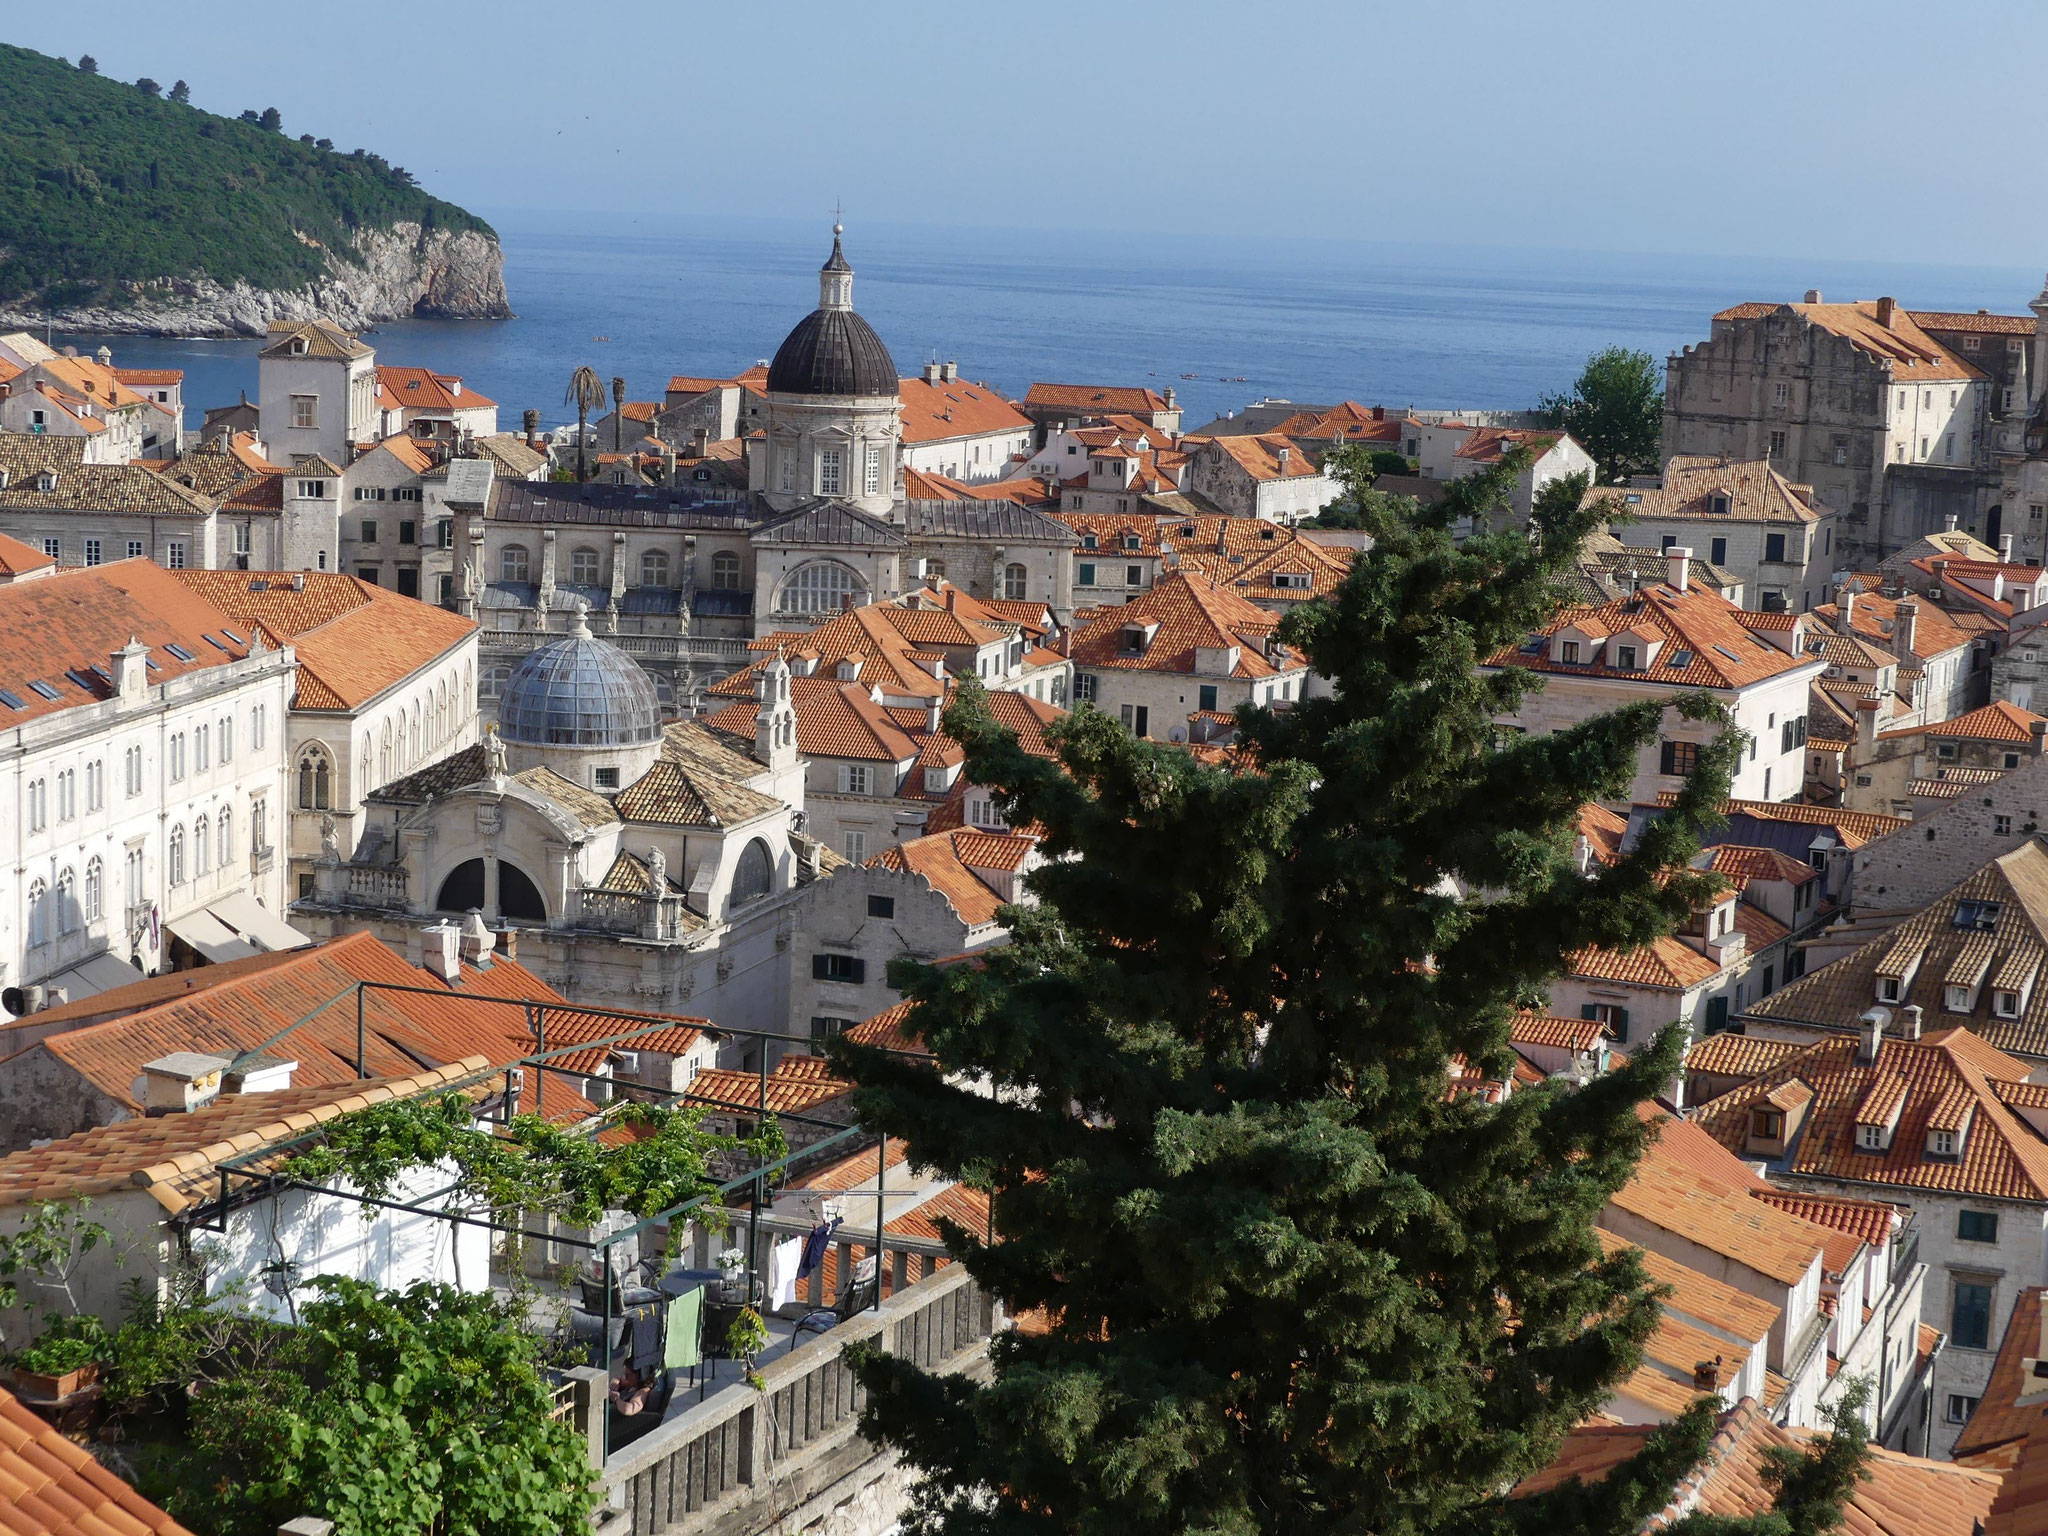 Beim Mauergang - Dubrovnik von allen Seiten